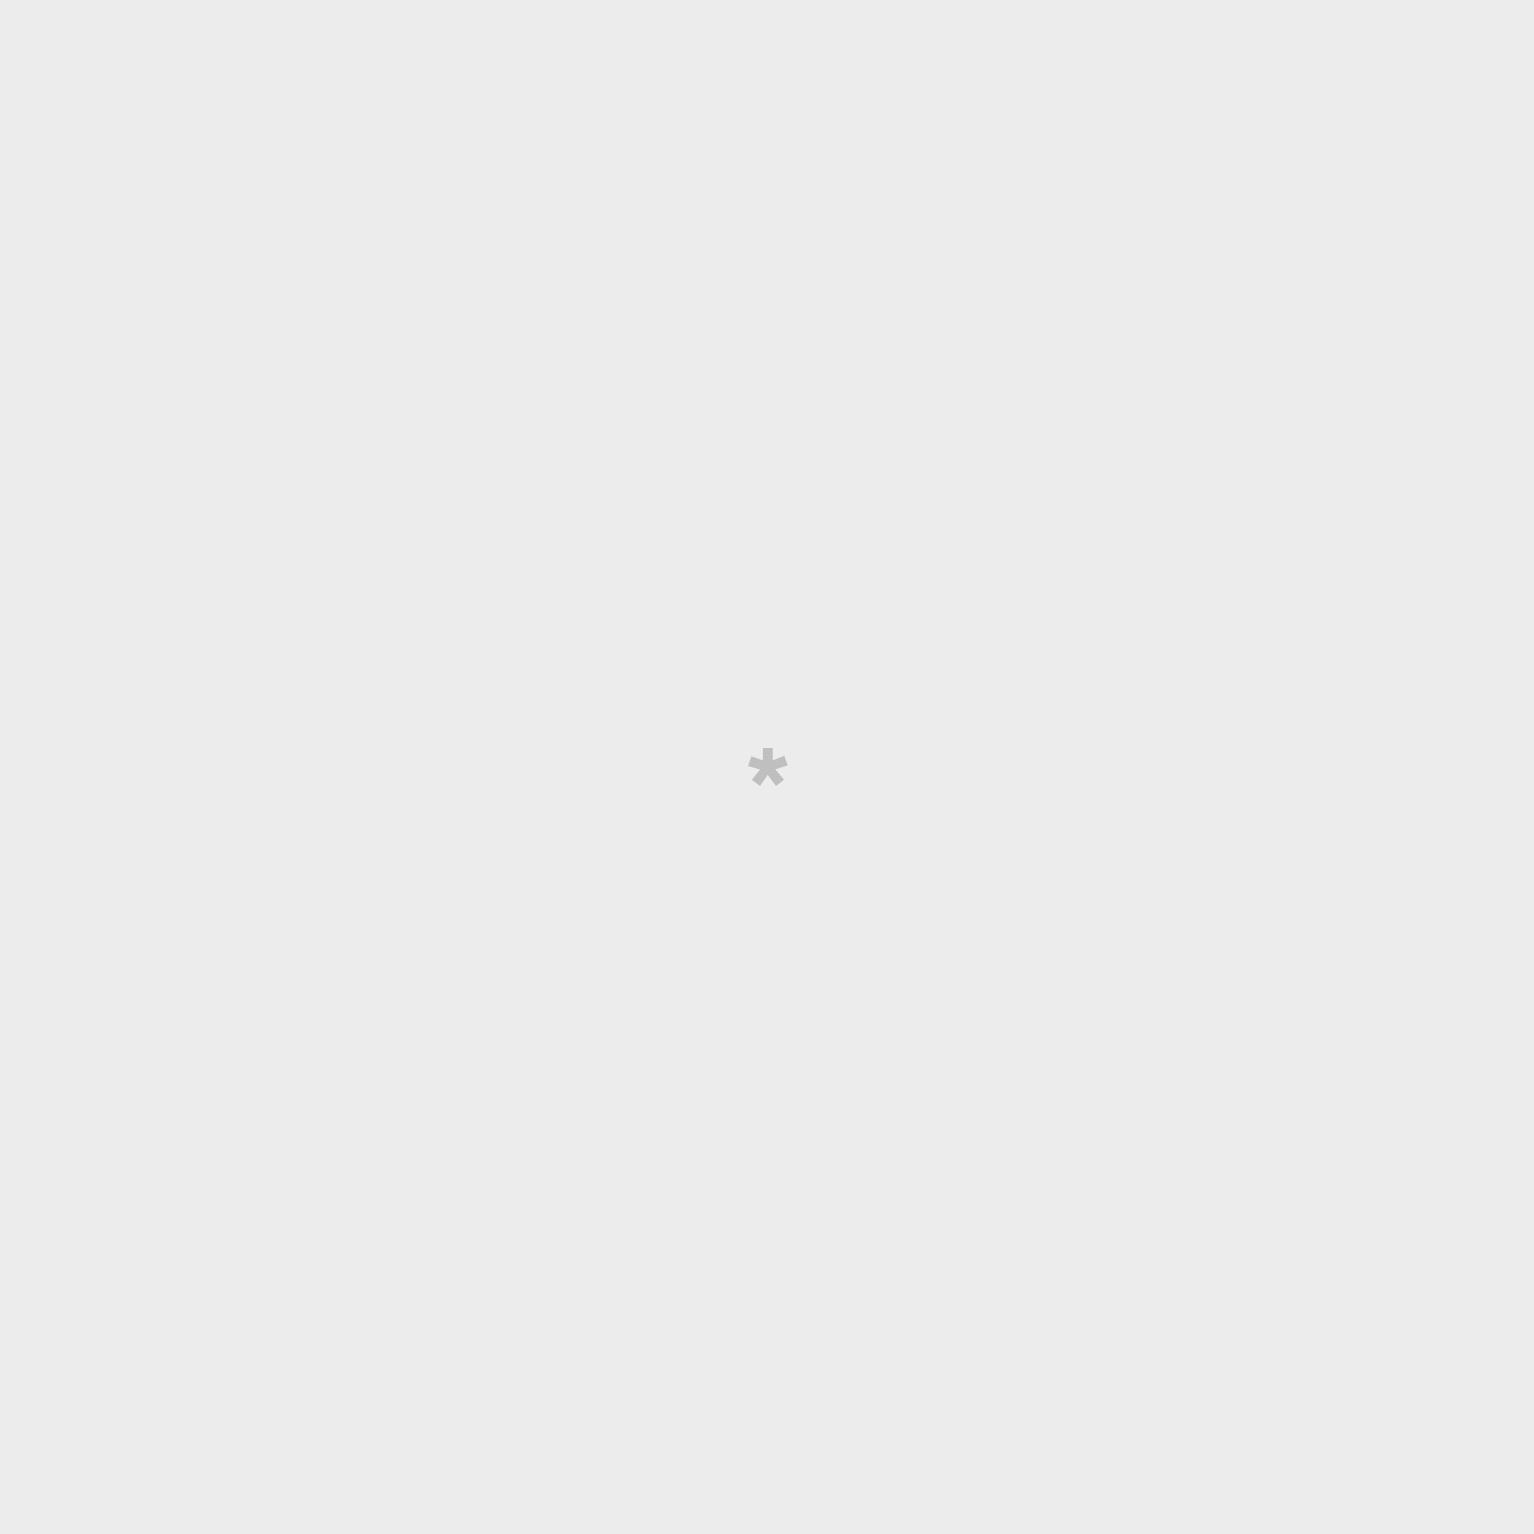 Extras para personalizar a tua mochila e acessórios - Do your best